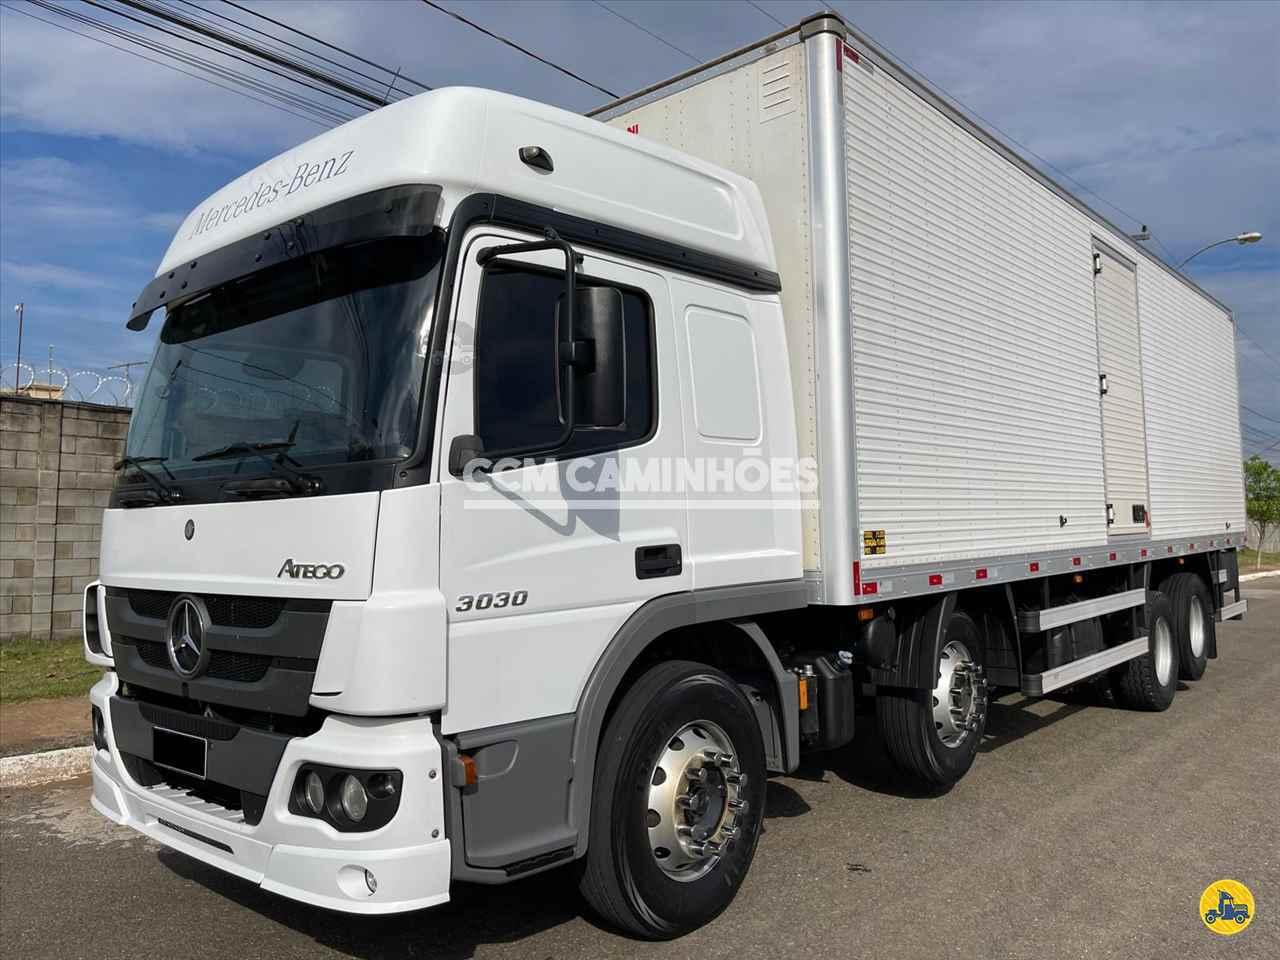 MB 3030 de CCM Caminhões - GOIANIA/GO